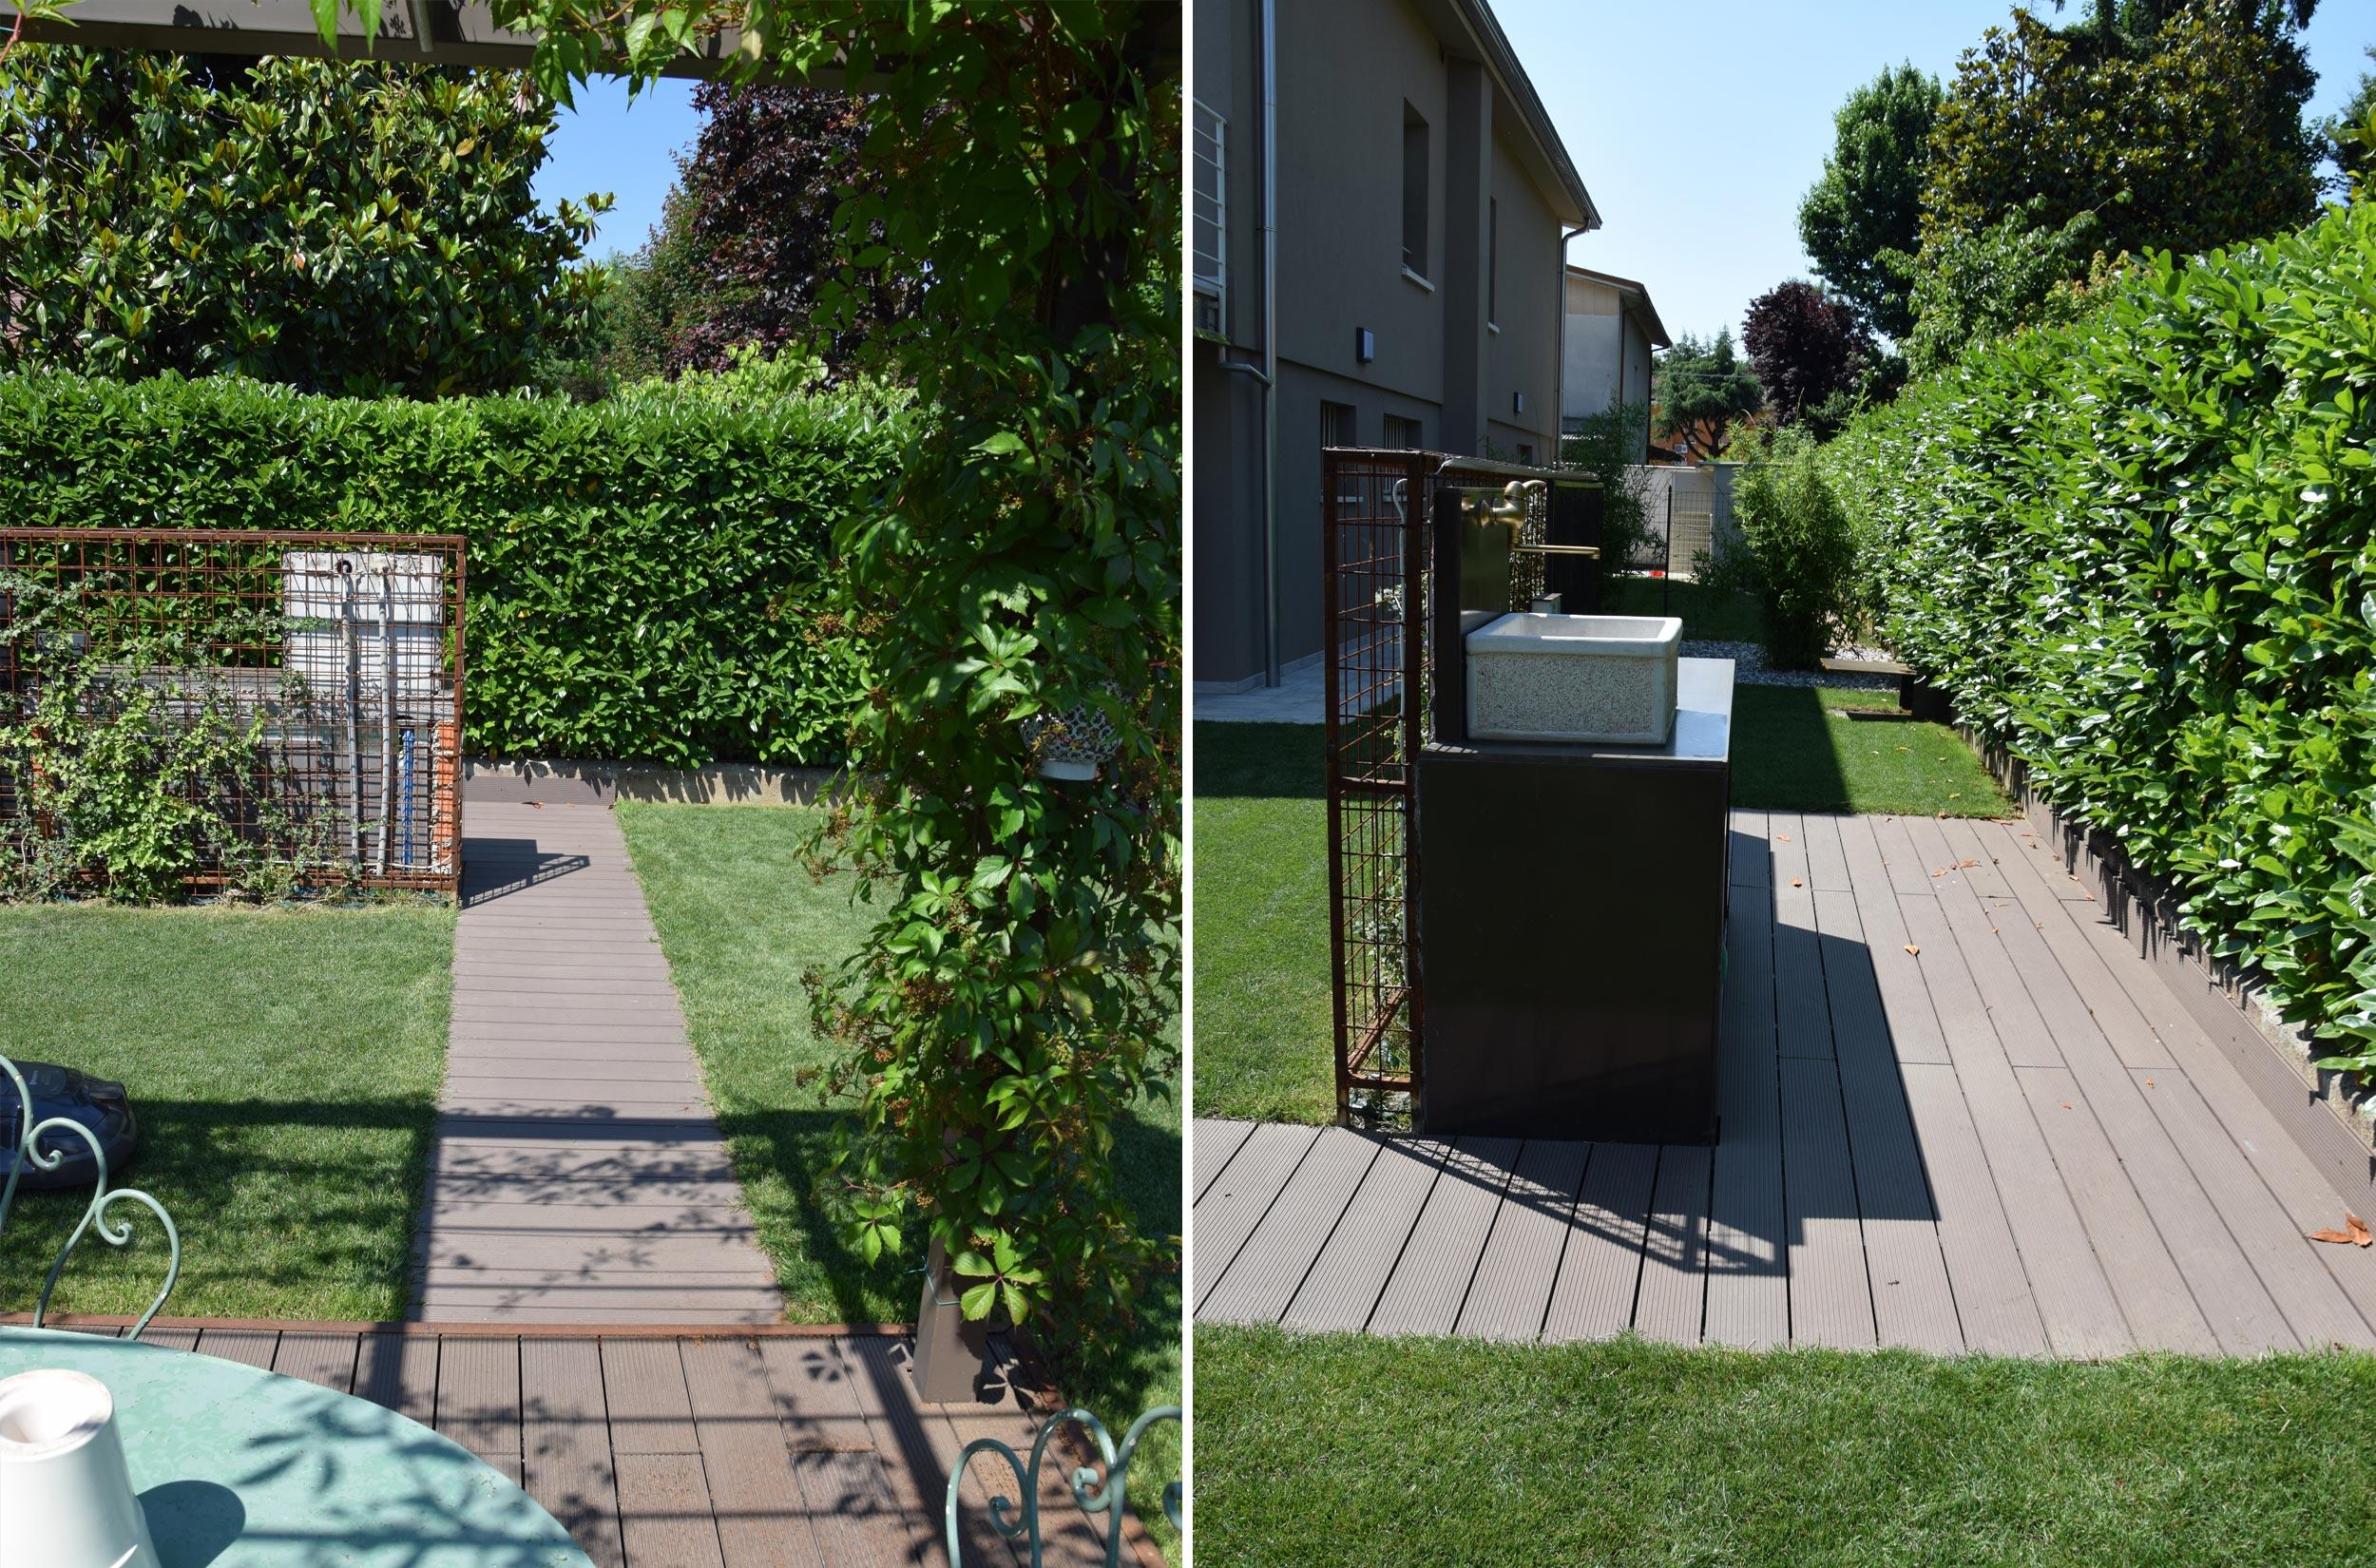 Giardino casa privata verolanuova bs progettazione - Giardini privati progetti ...